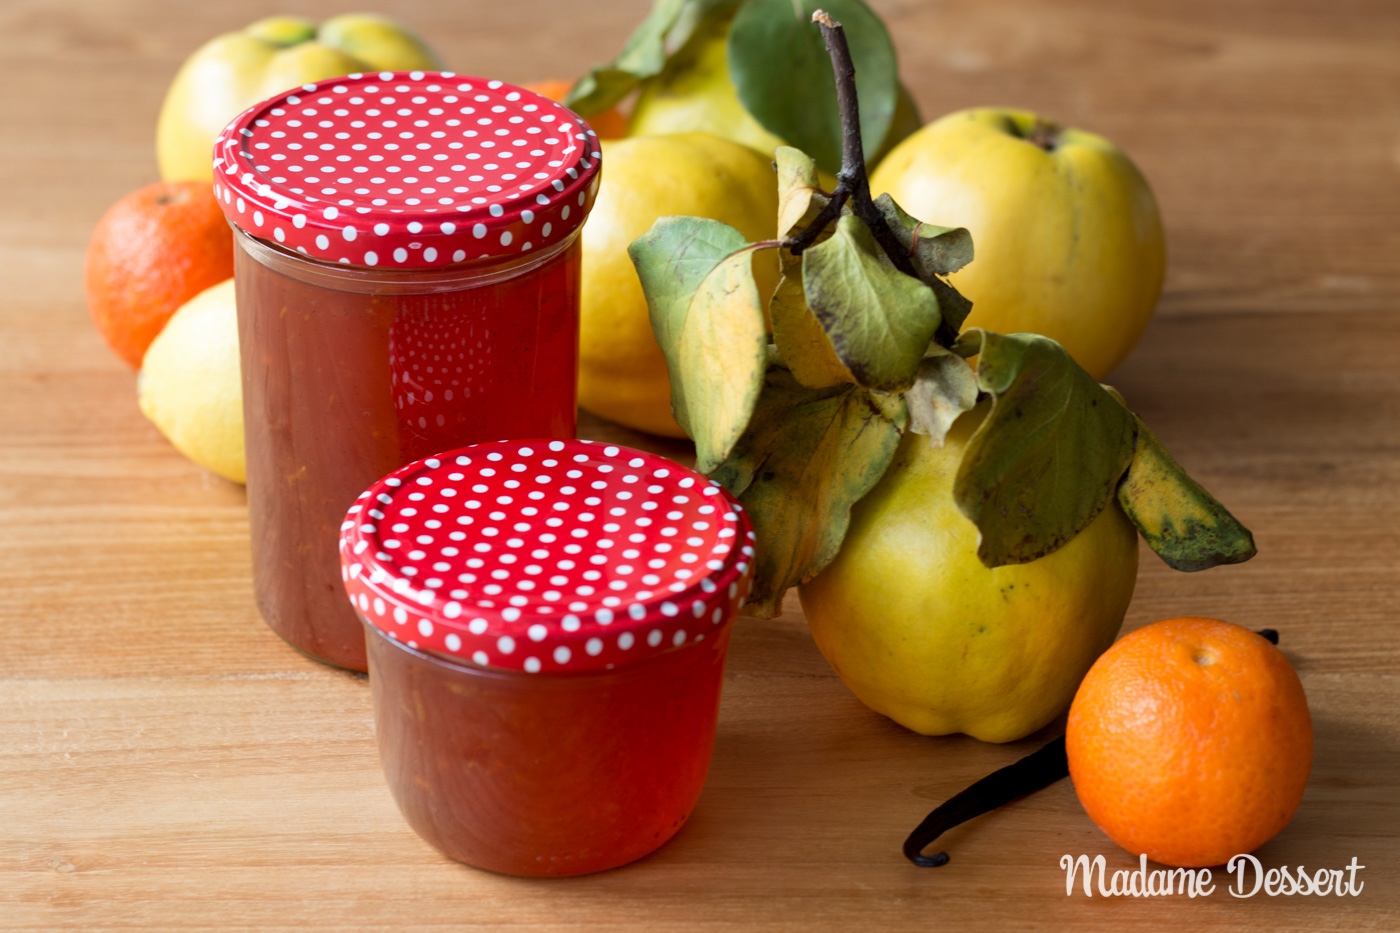 Fruchtiges Quittengelee mit Mandarinen & Zitronen | Madame Dessert